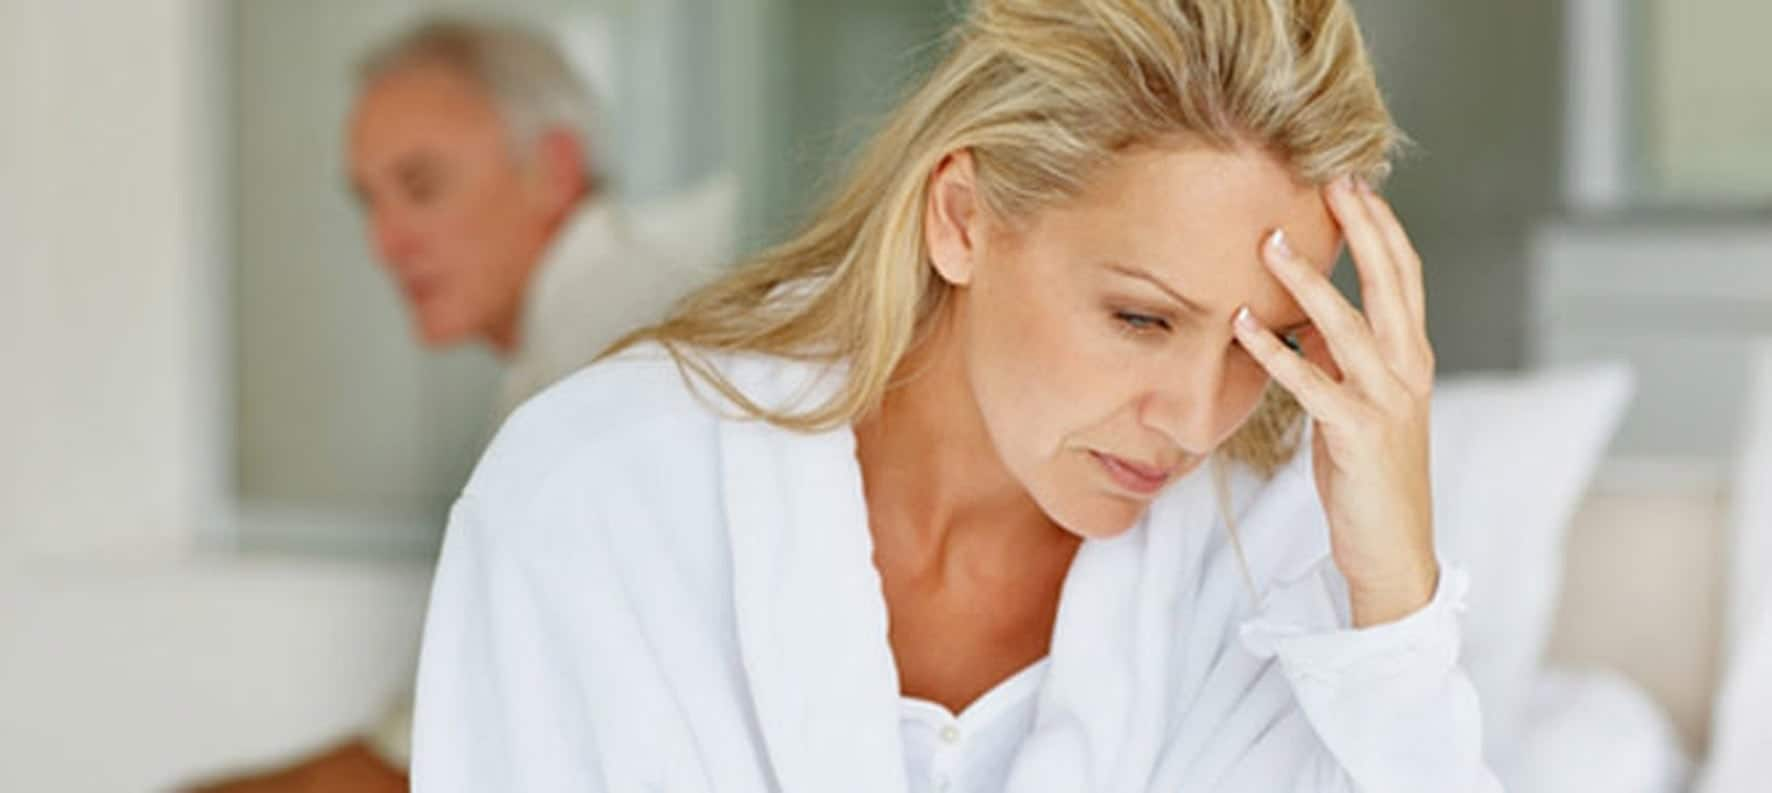 erken menopoz tedavisi Erken menopozun belirtileri nelerdir? Tedavisi